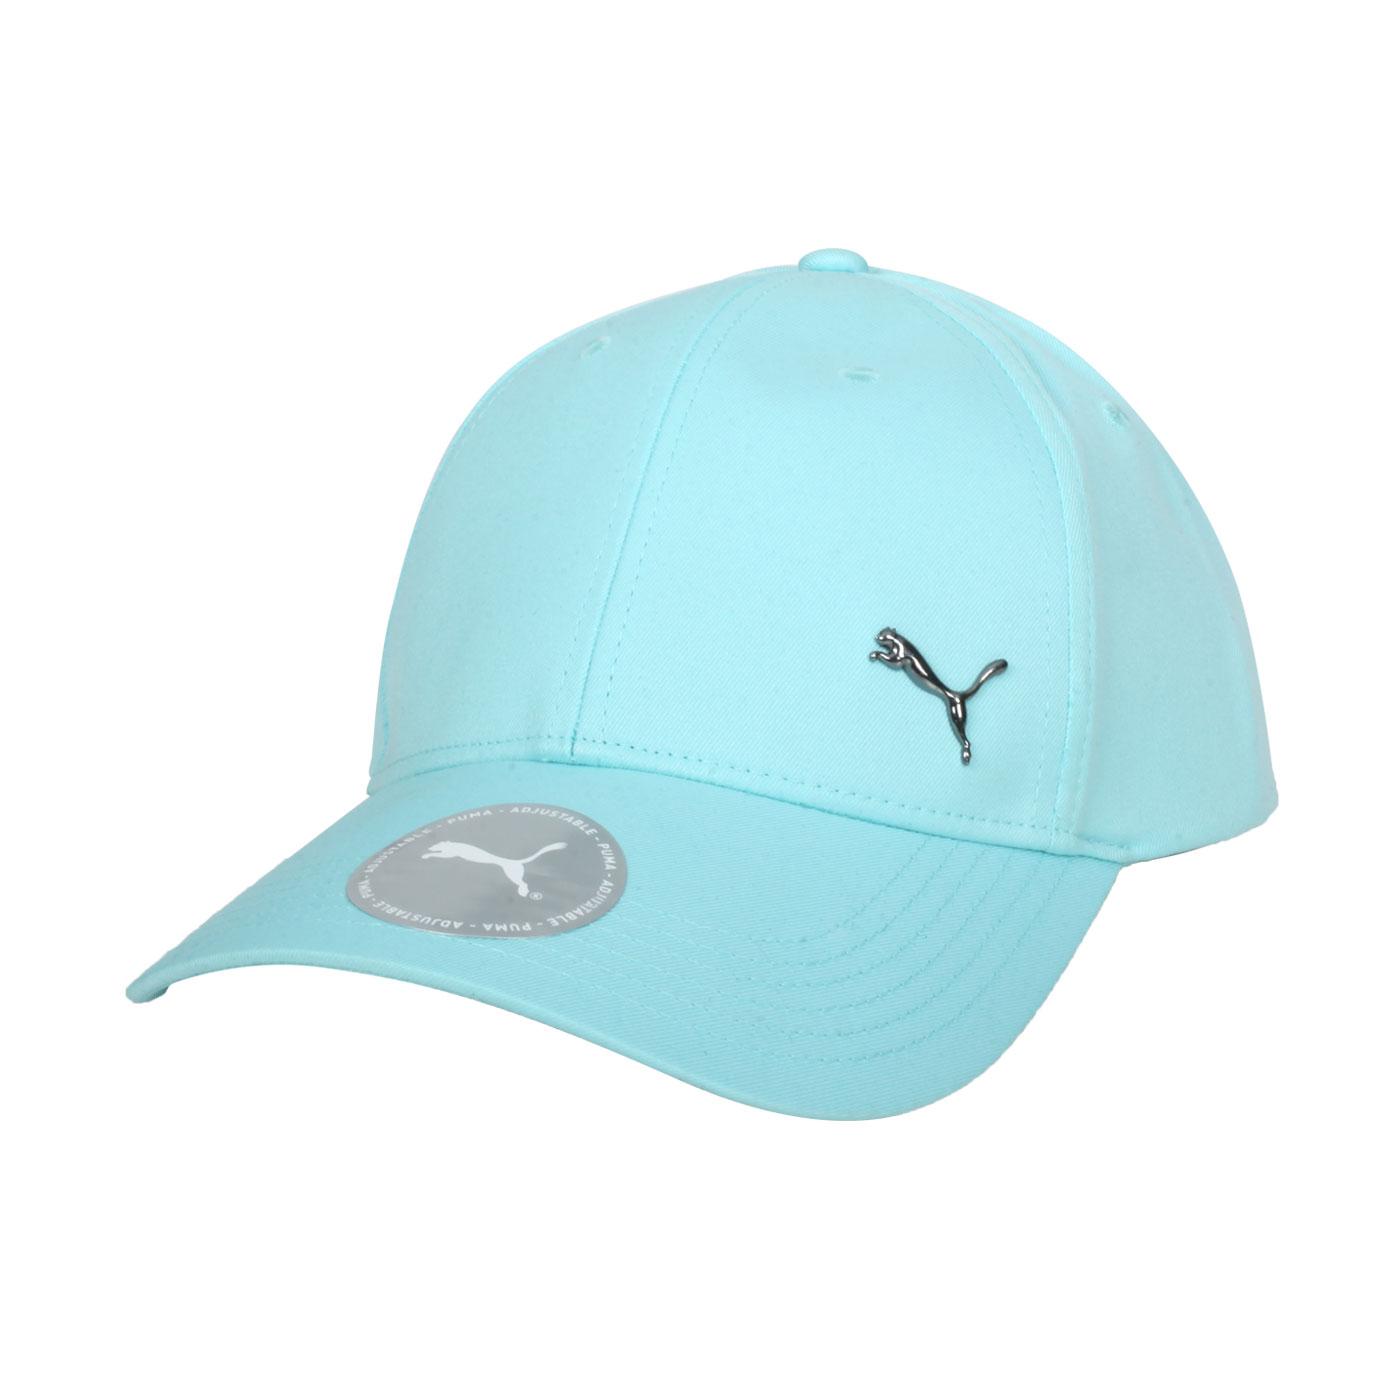 PUMA 基本系列棒球帽 02126942 - 湖水藍黑